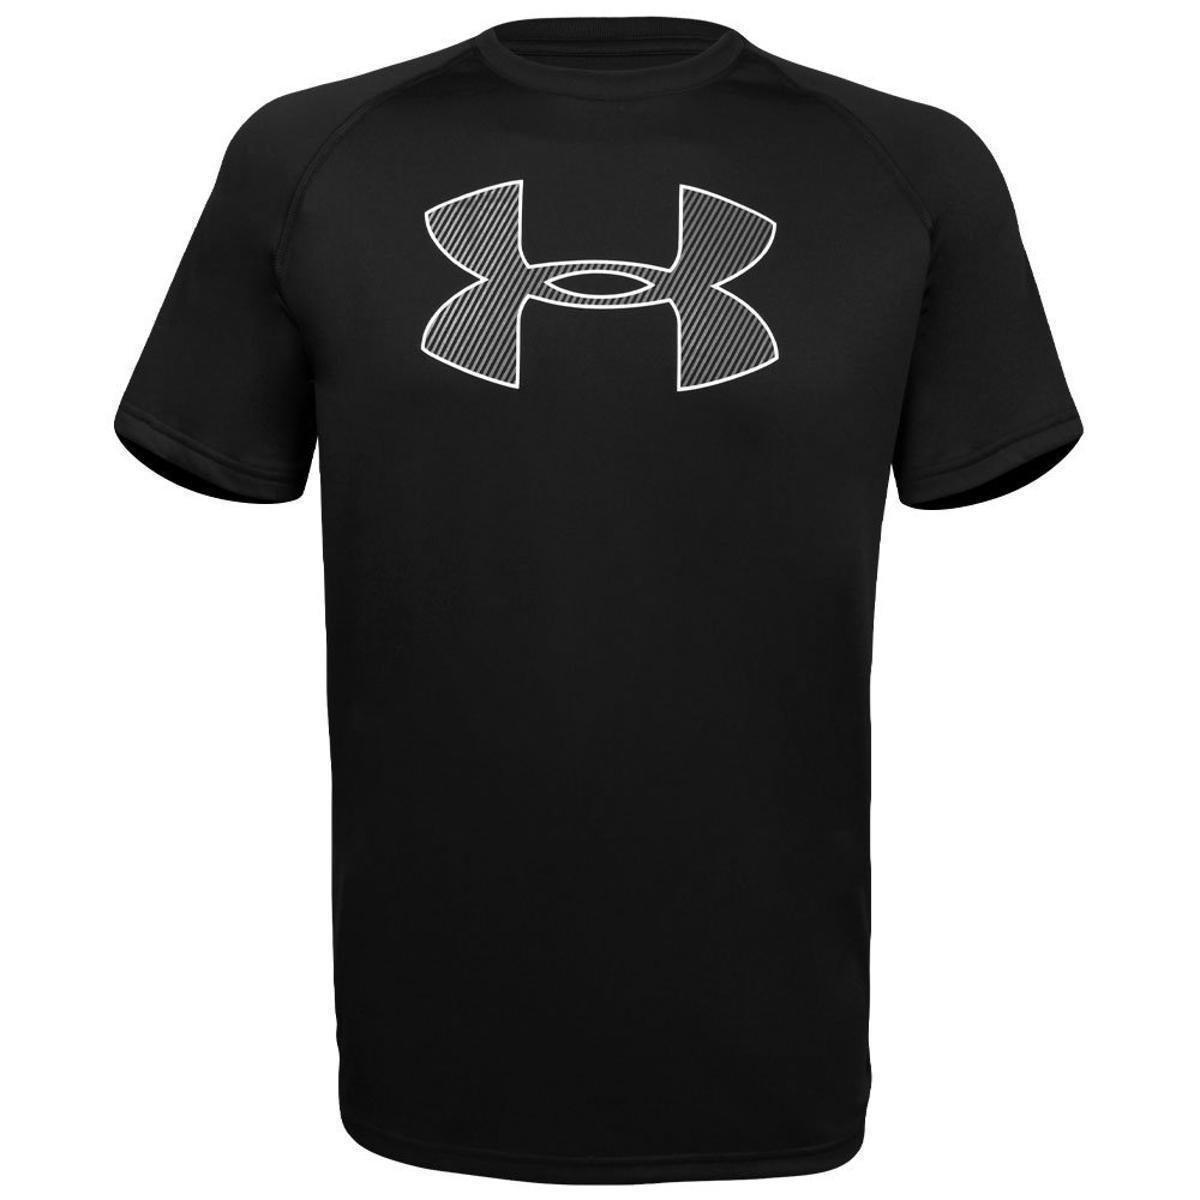 fe5df102d80 Camiseta Under Armour Big Logo Masculina - Preto e Branco - Compre Agora